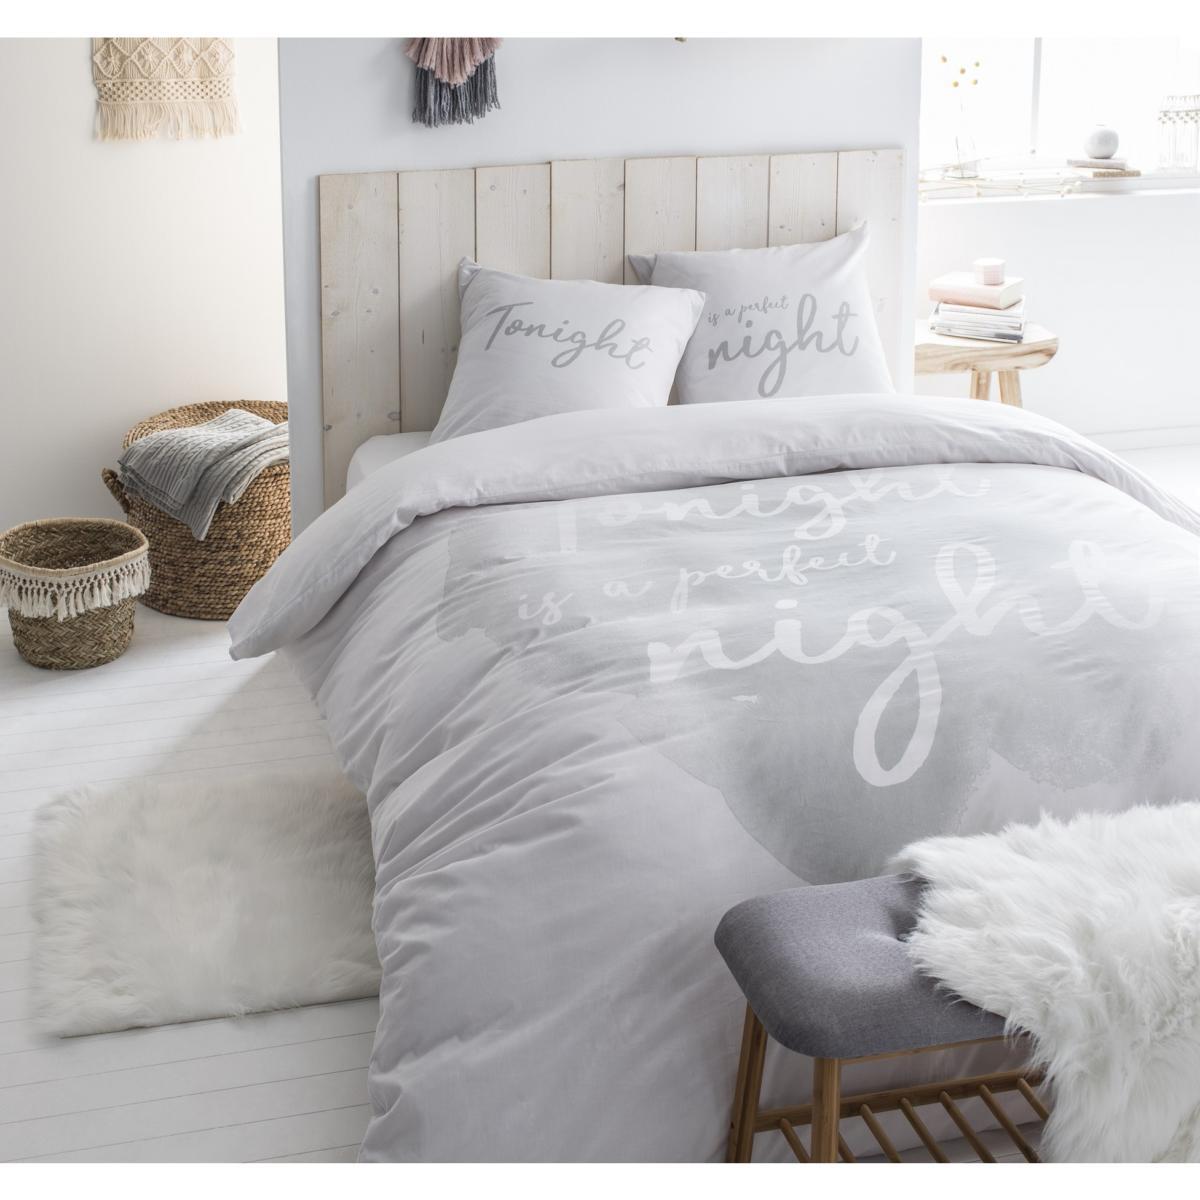 housse de couette stockholm natt chic et cosy j k markets. Black Bedroom Furniture Sets. Home Design Ideas